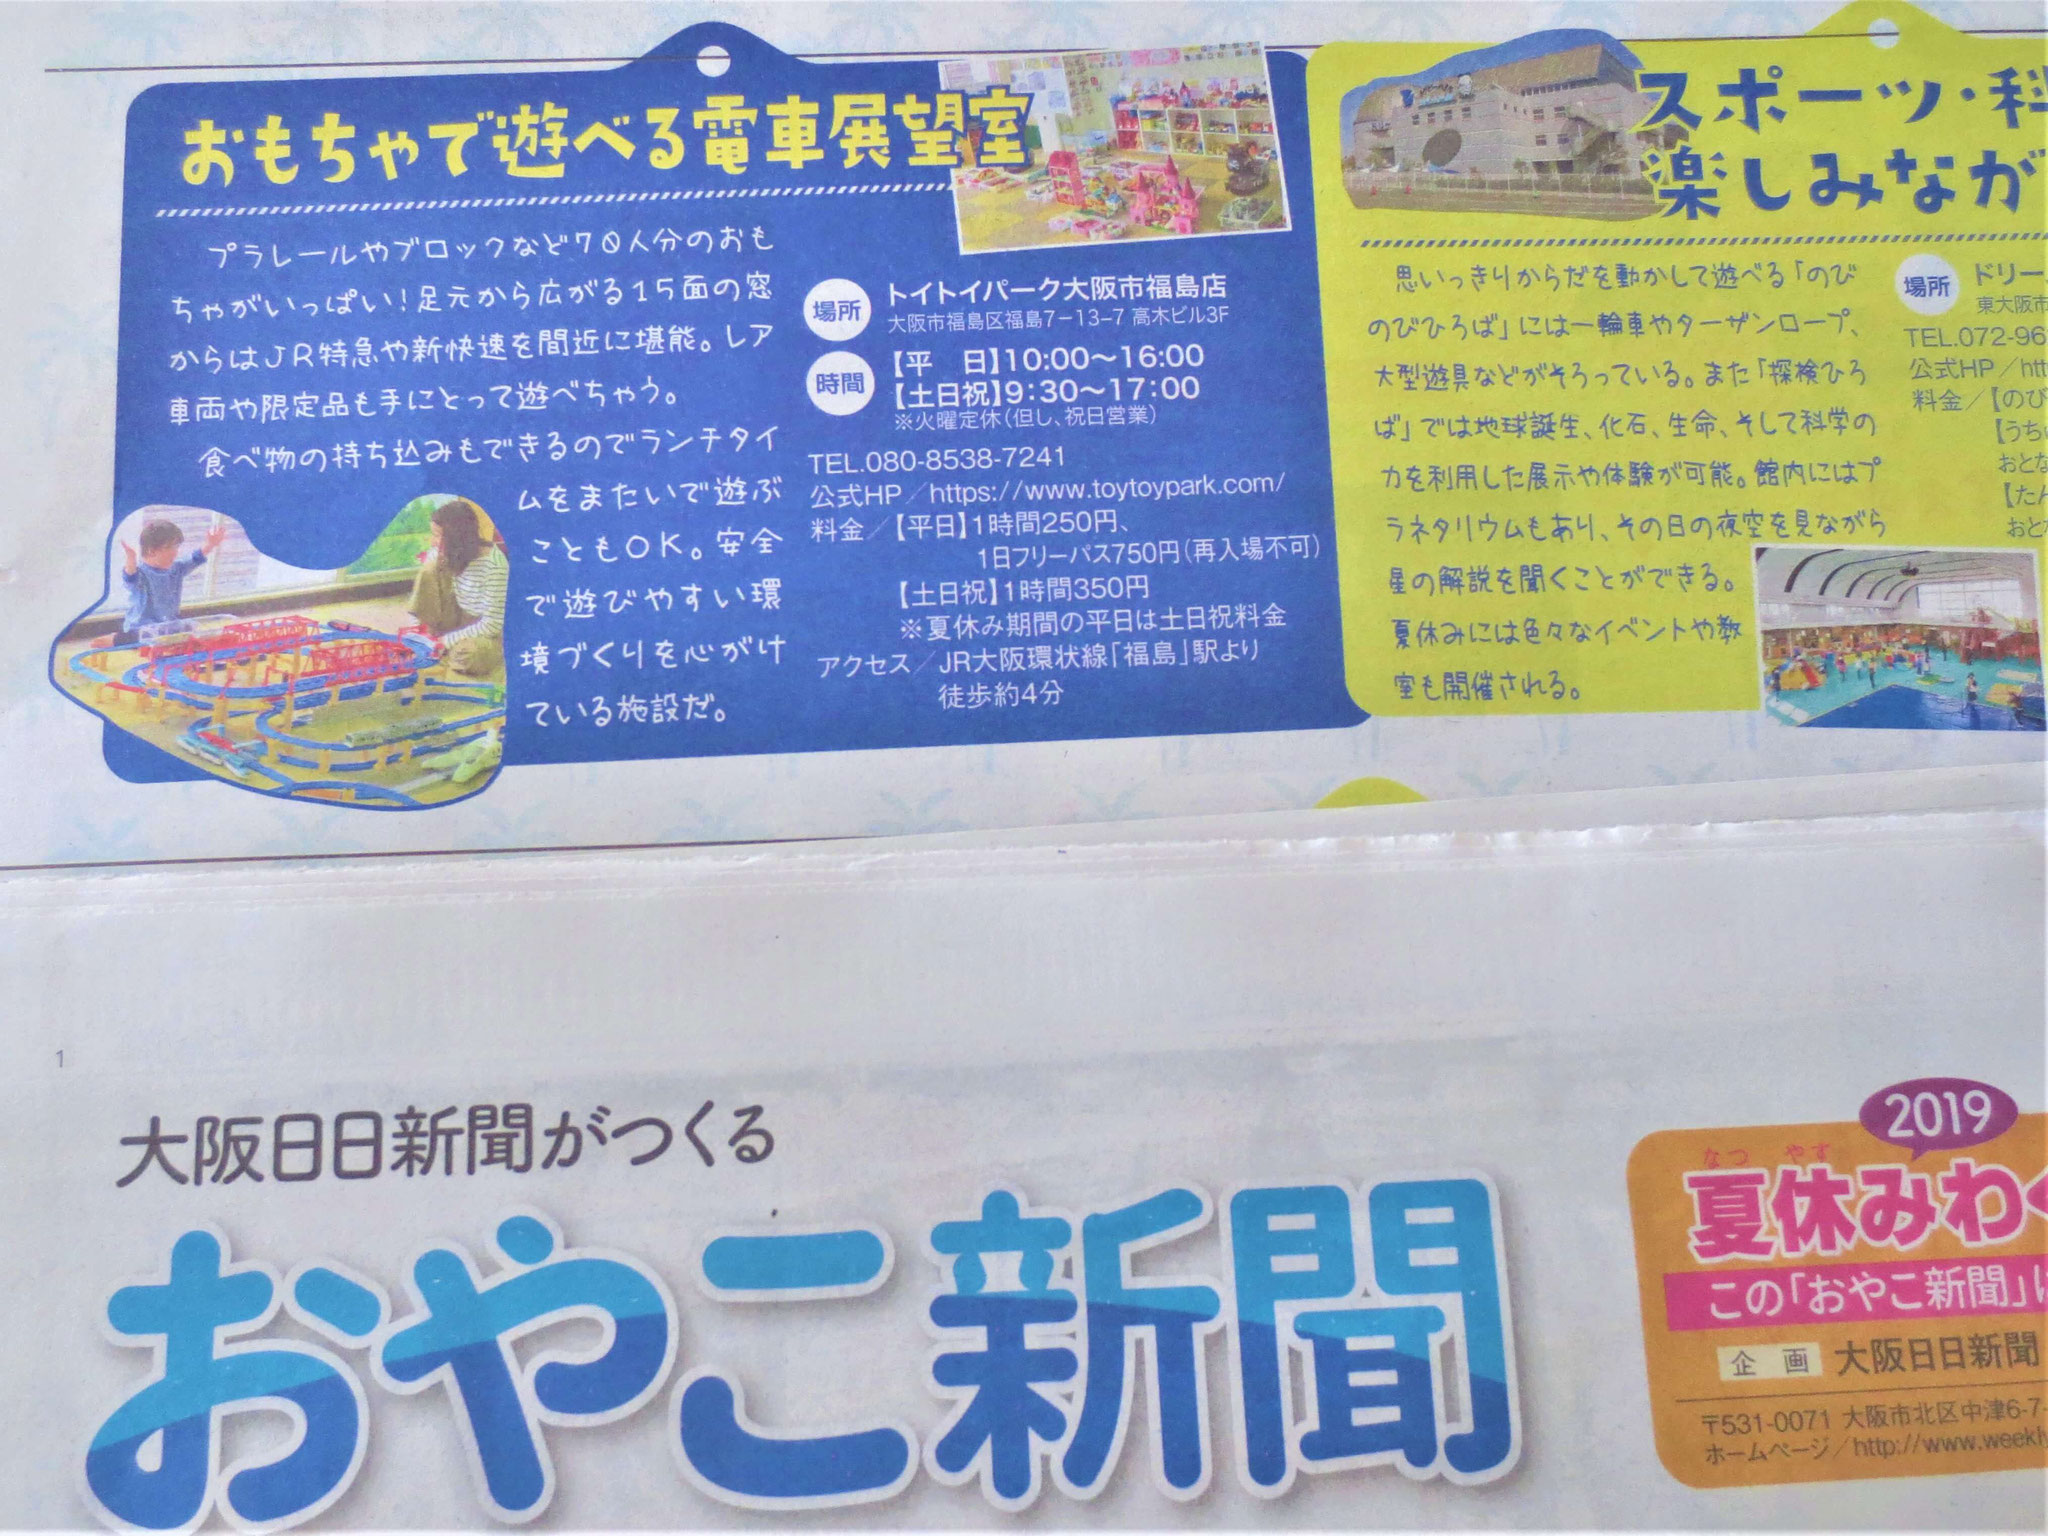 2019/06 大阪日日新聞「おやこ新聞 2019夏休みわくわく特別号」に掲載